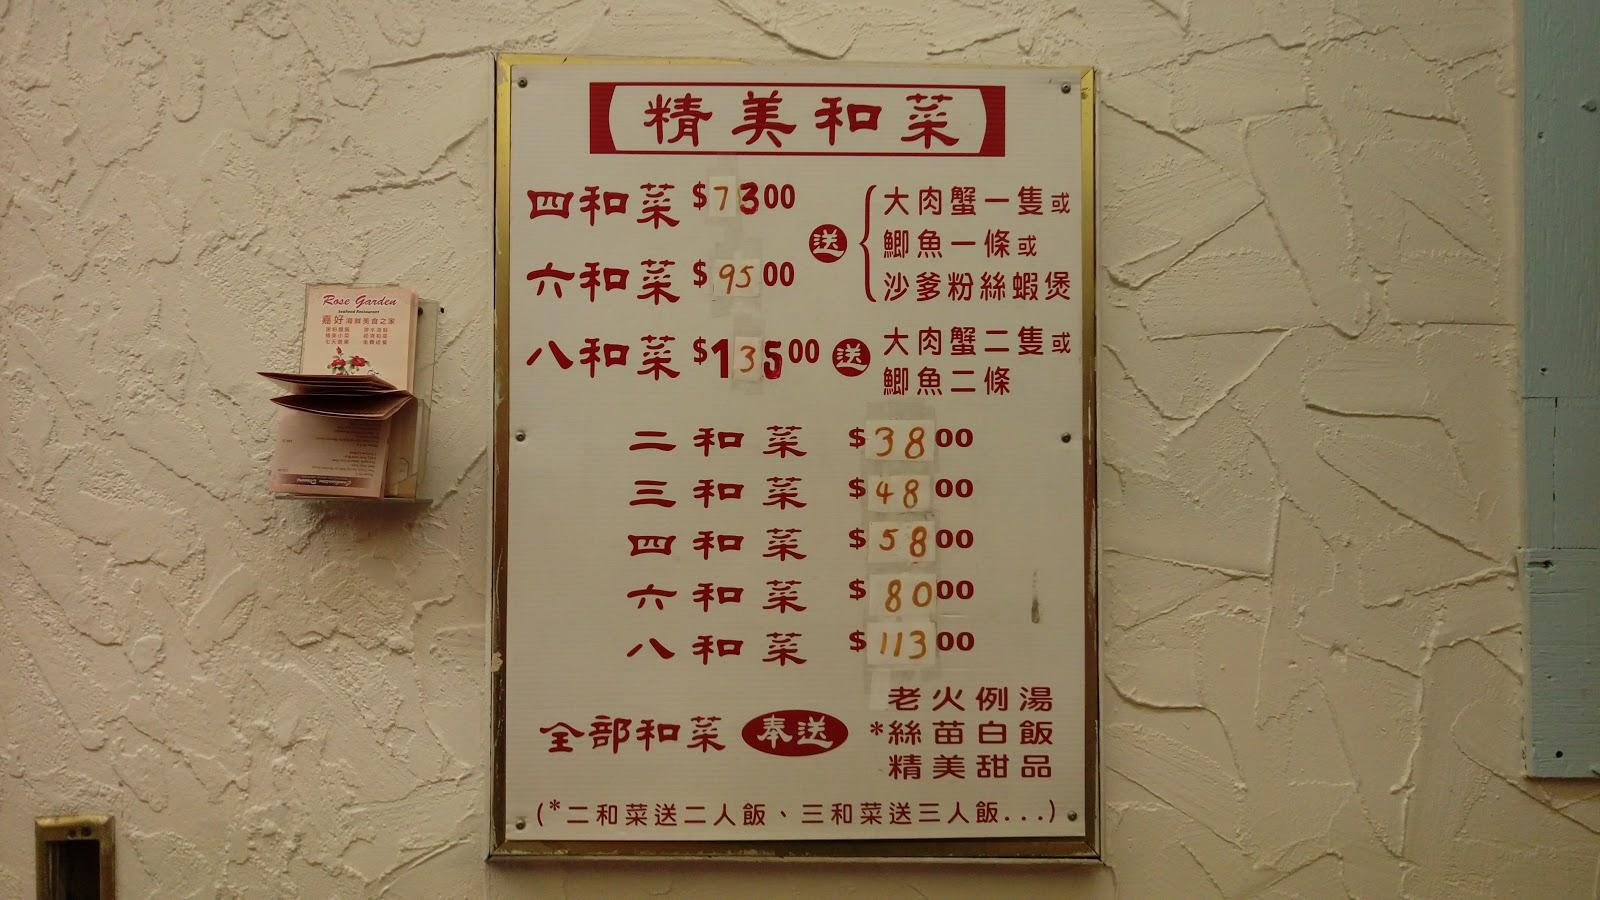 Food For Buddha Rose Garden Seafood Restaurant Ř‰å¥½æµ·é®®ç¾Žé£Ÿä¹‹å®¶